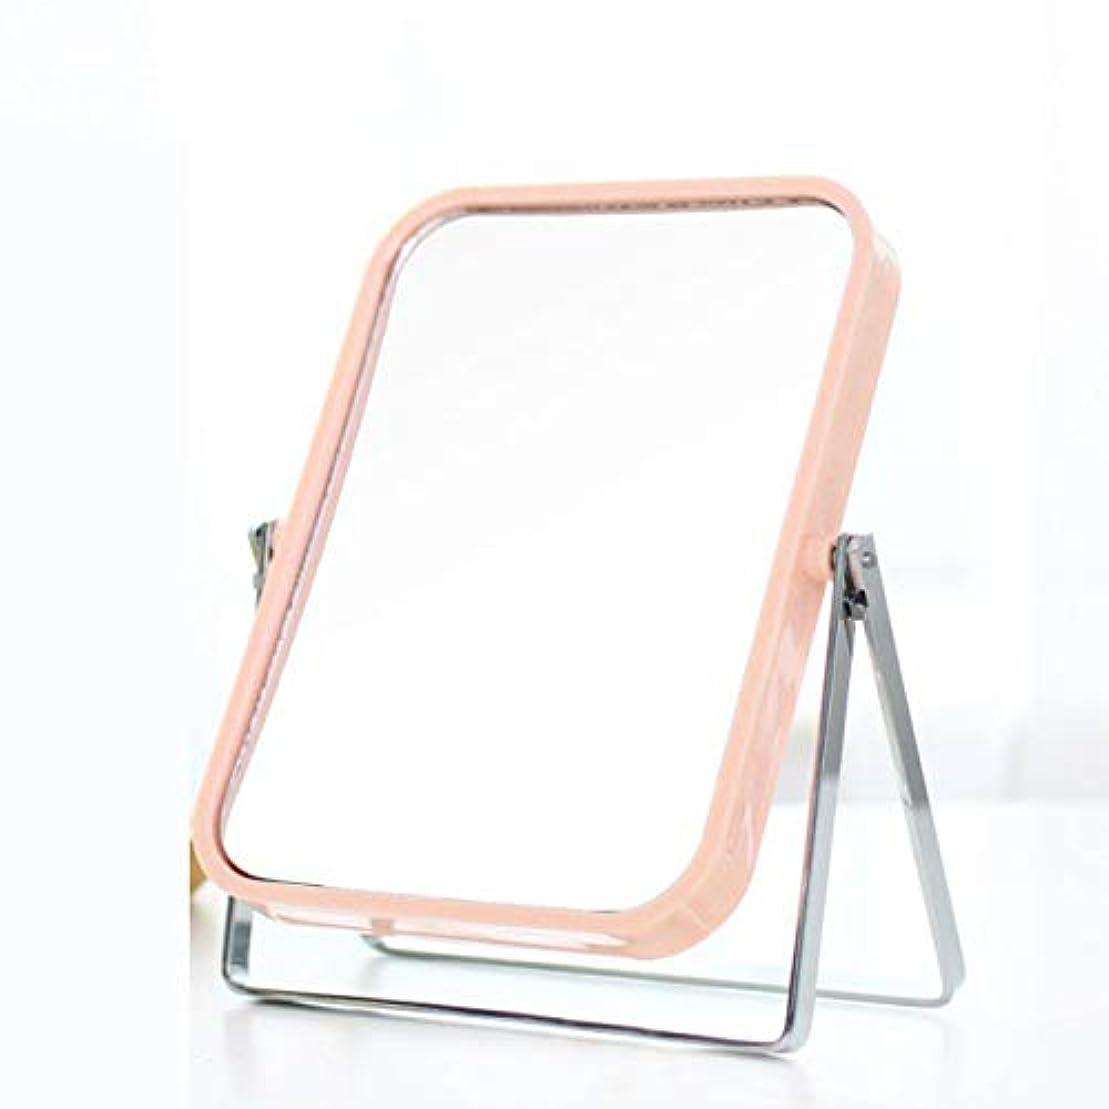 言い聞かせるツイン前述の化粧鏡、シンプルな長方形の両面化粧鏡の化粧ギフト (Color : ピンク)